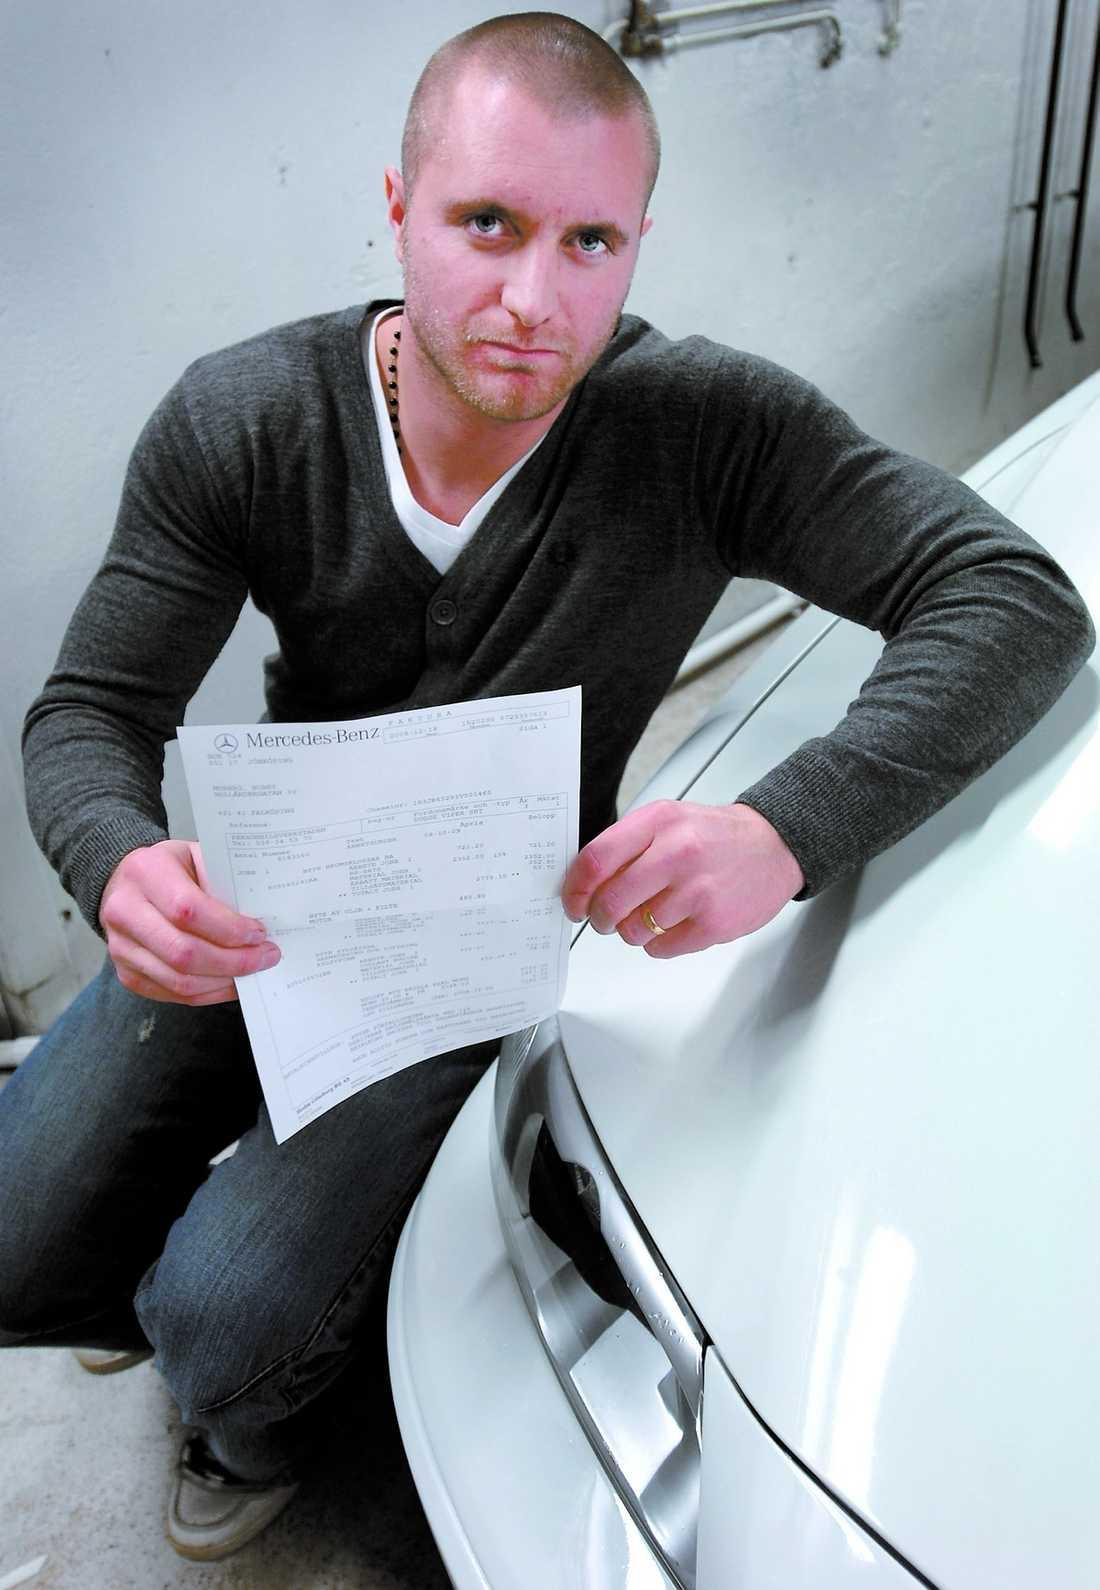 drömmen krossad Bobby Moberg gav en halv miljon för sin lyxbil – men fick aldrig köra den. Räkningen från bilfirman tänker han inte betala.